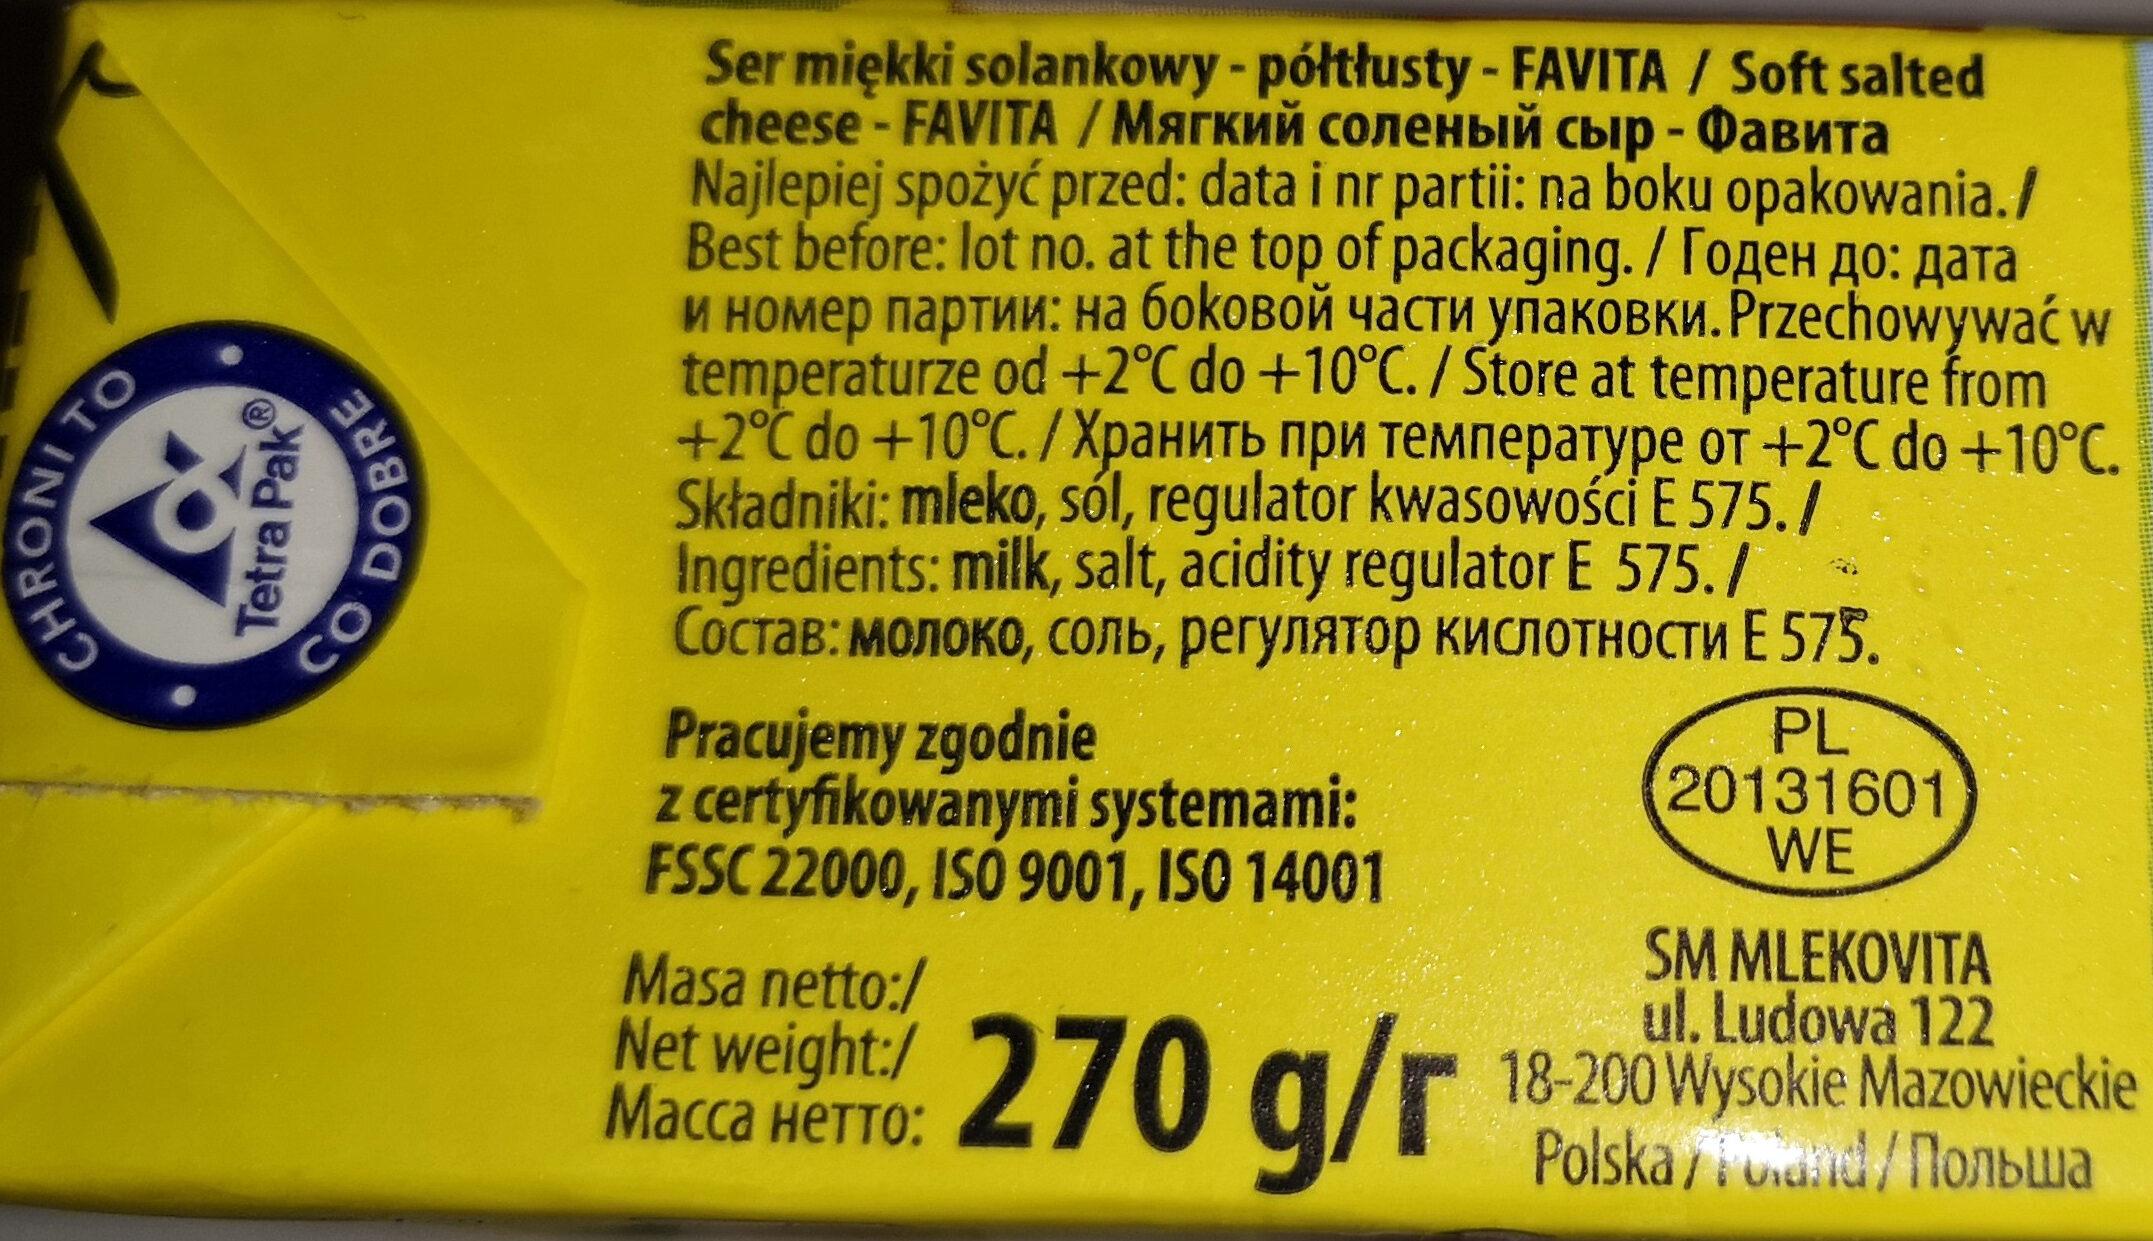 Soft salted cheese - FAVITA - Ingredients - en